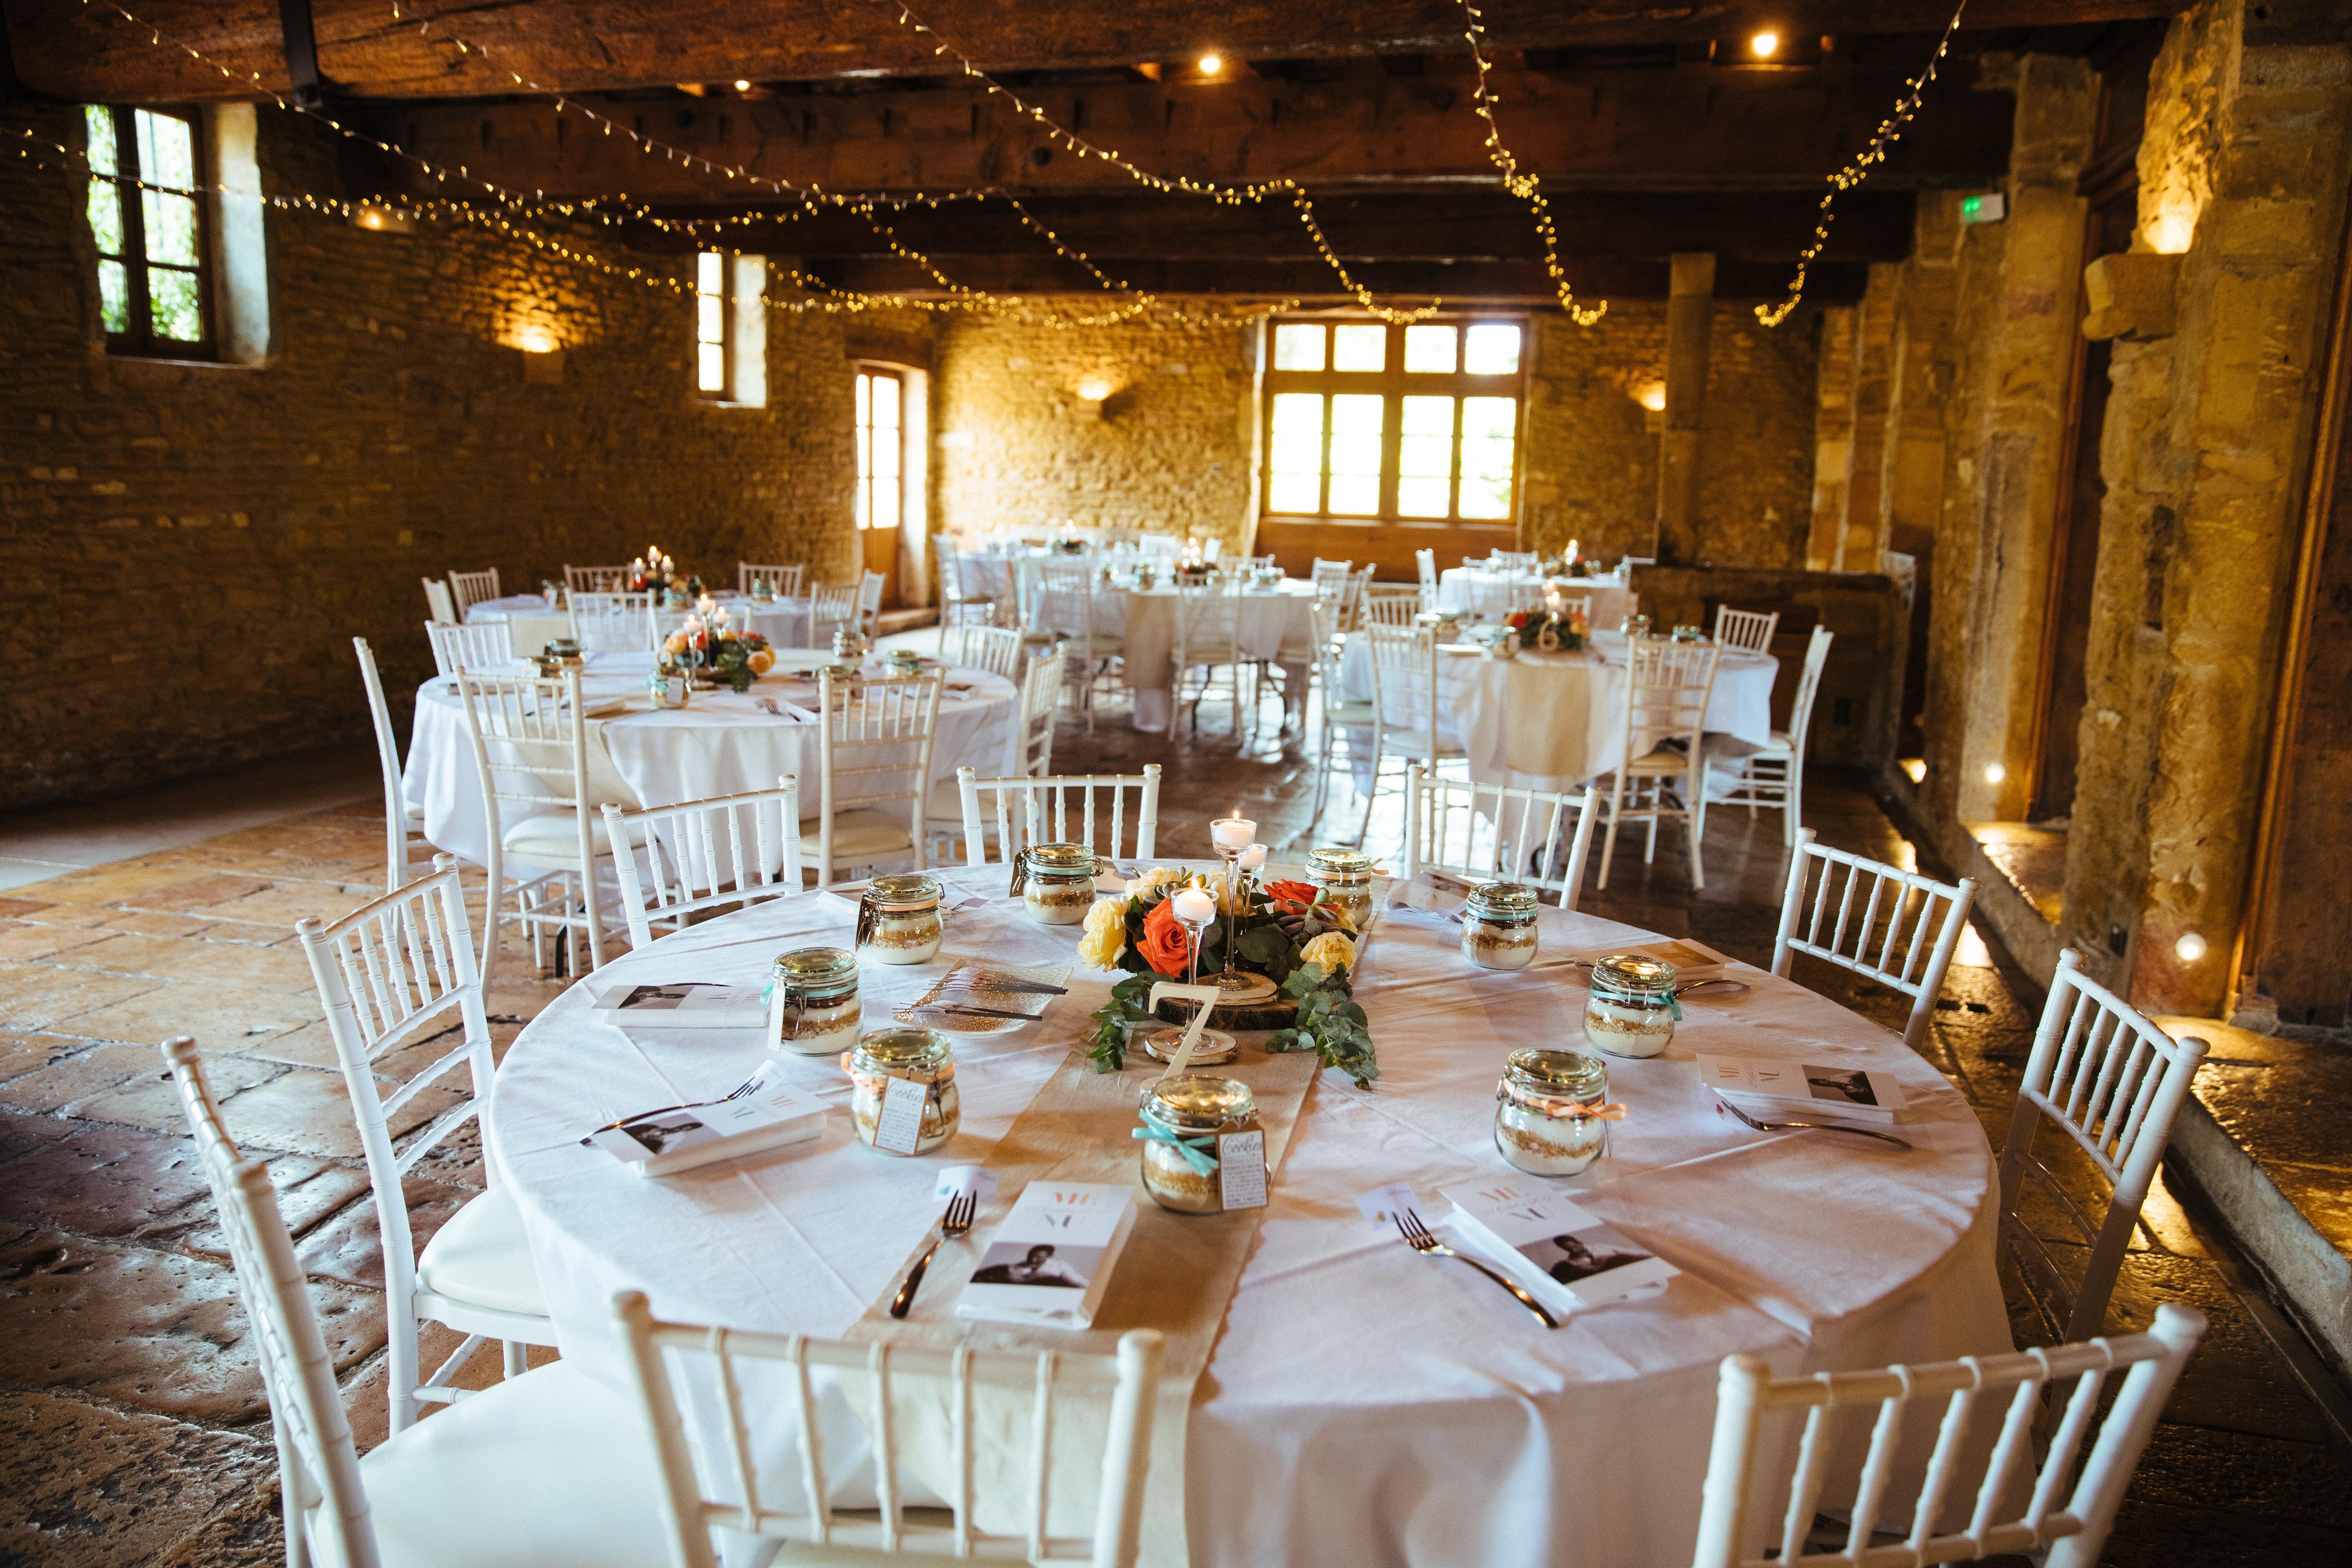 décoration de mariage orange - centre de table - numéro de table en bois - bougeoirs en verre - rondin de bois - plafond lumineux - guirlande LED